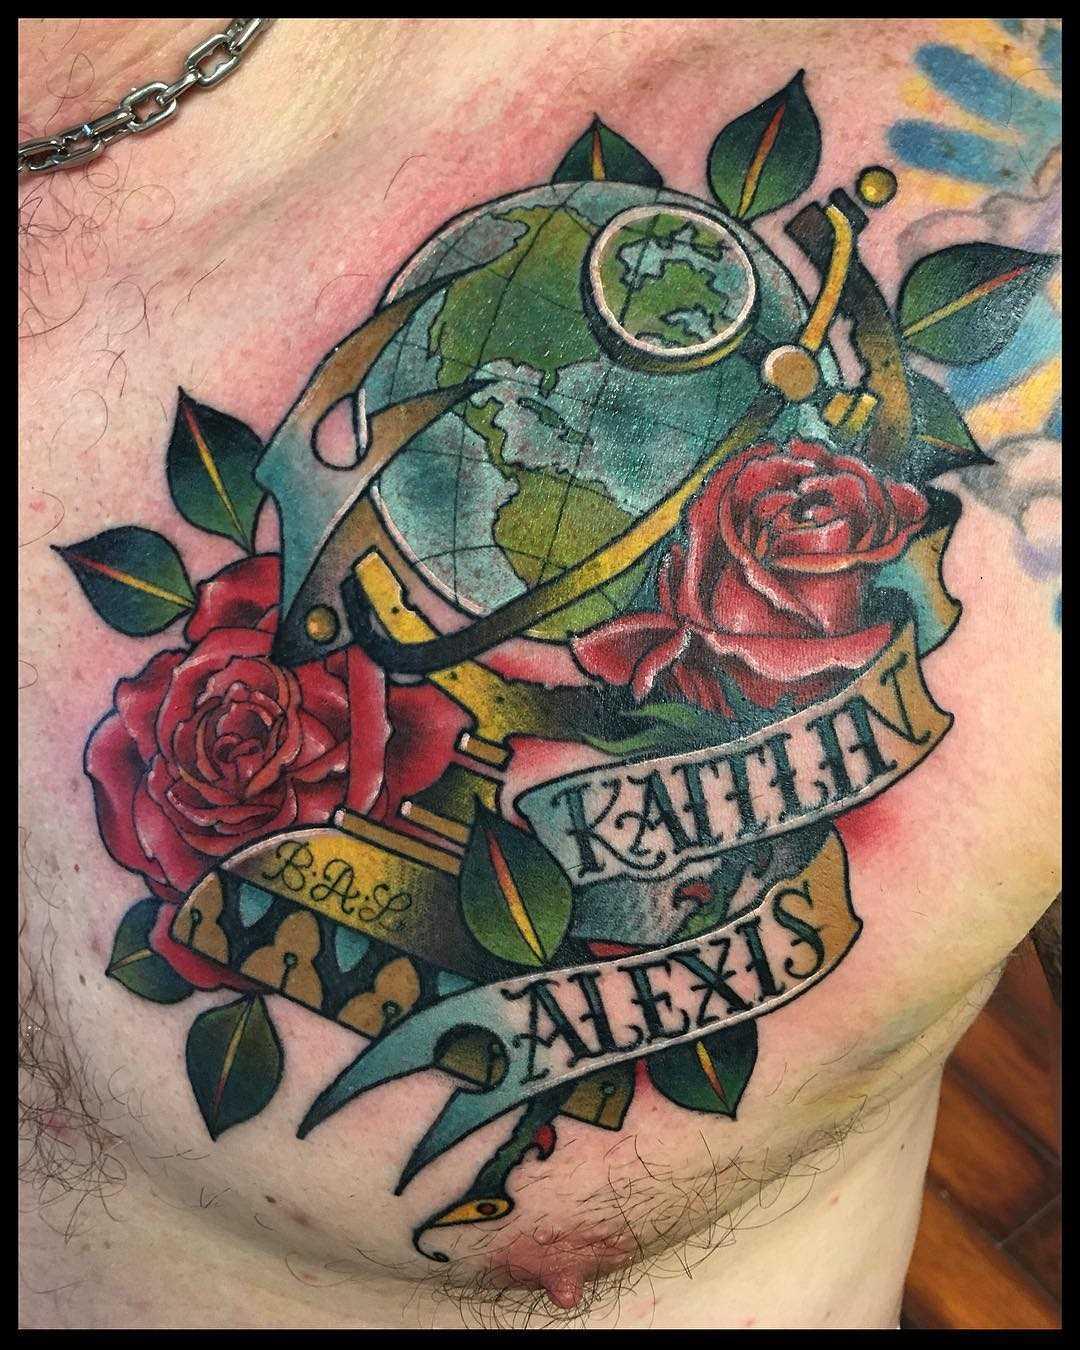 A tatuagem do globo com rosas no peito do homem